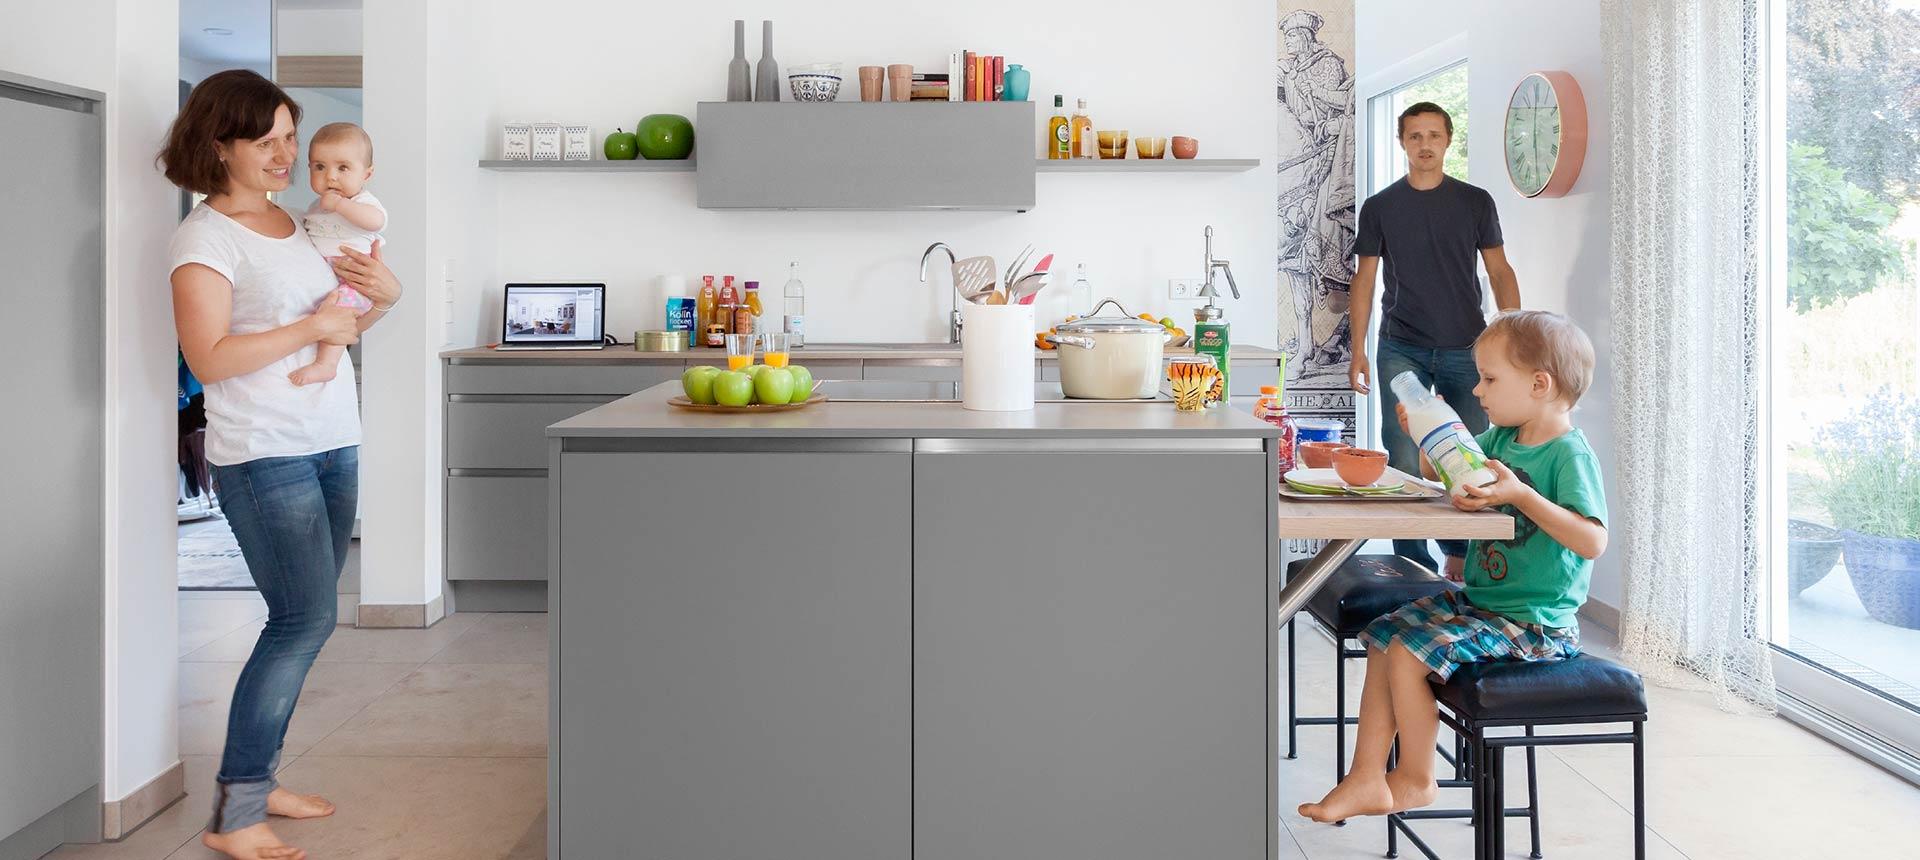 Full Size of Kchendesigns Mit Kochinseln 2020 Sowie Tipps Schwrerhaus Freistehende Küche Wohnzimmer Kücheninsel Freistehend